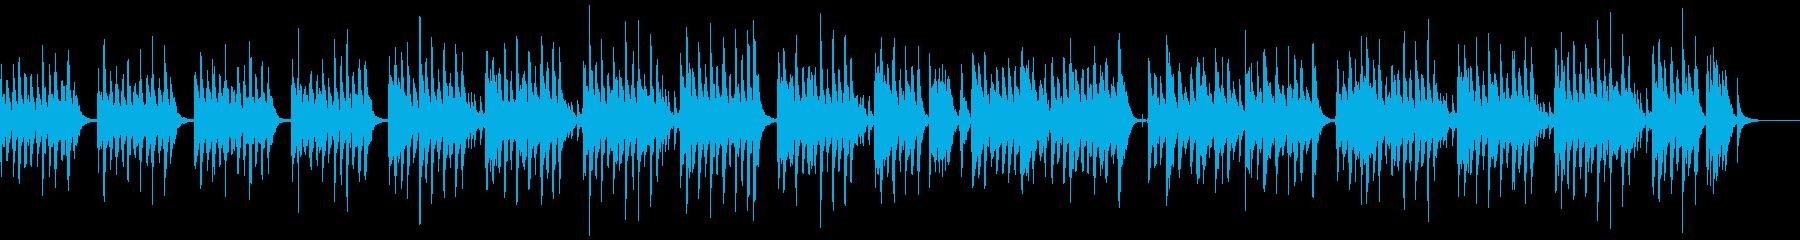 【劇伴】軽快でコミカルな日常曲の再生済みの波形